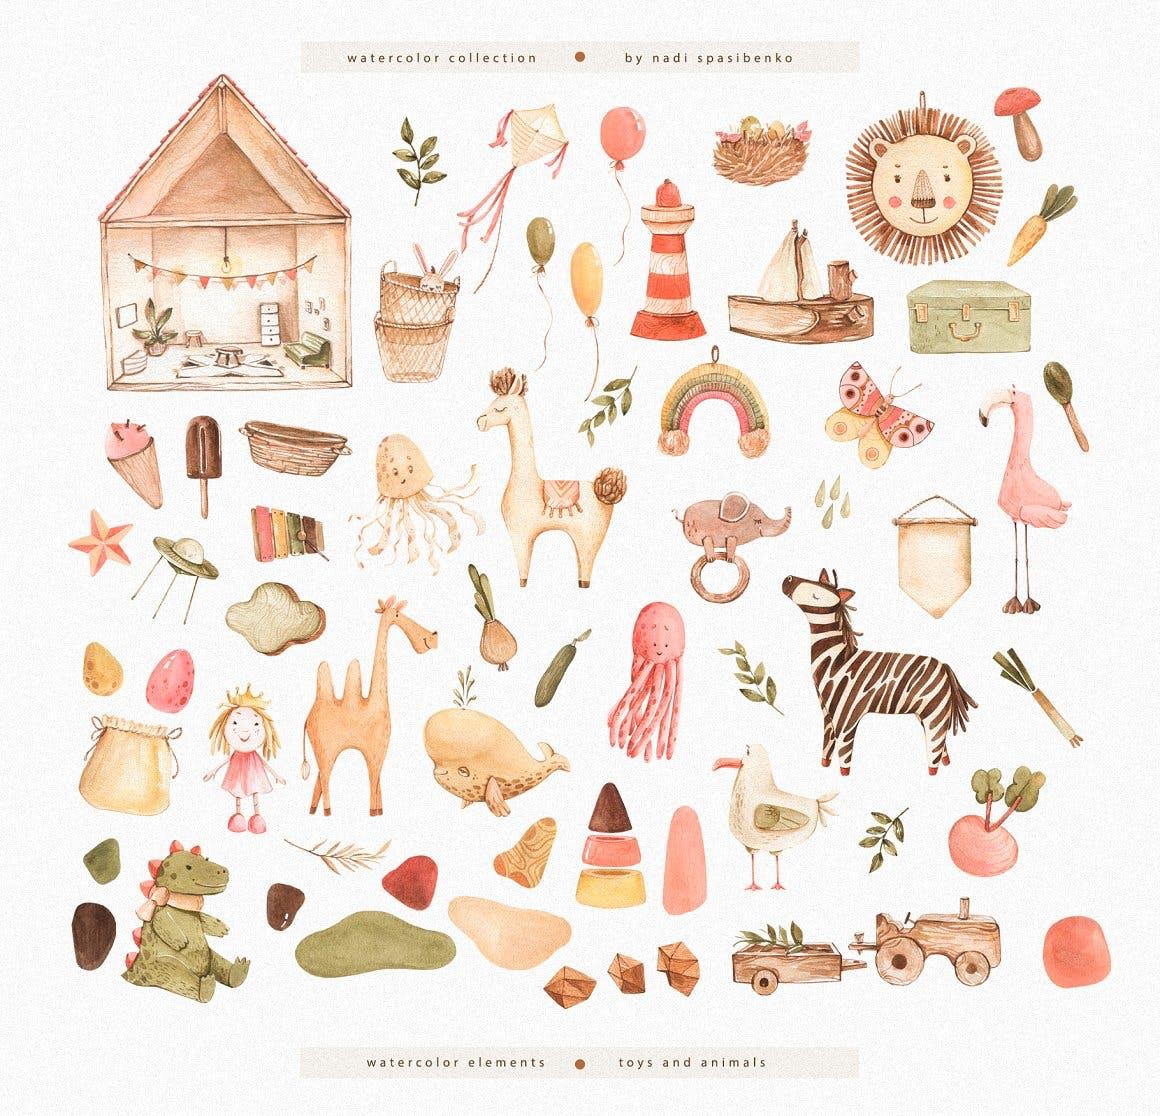 波西米亚风玩具手绘水彩画PNG透明背景图片素材 Watercolor World Of Toys插图4